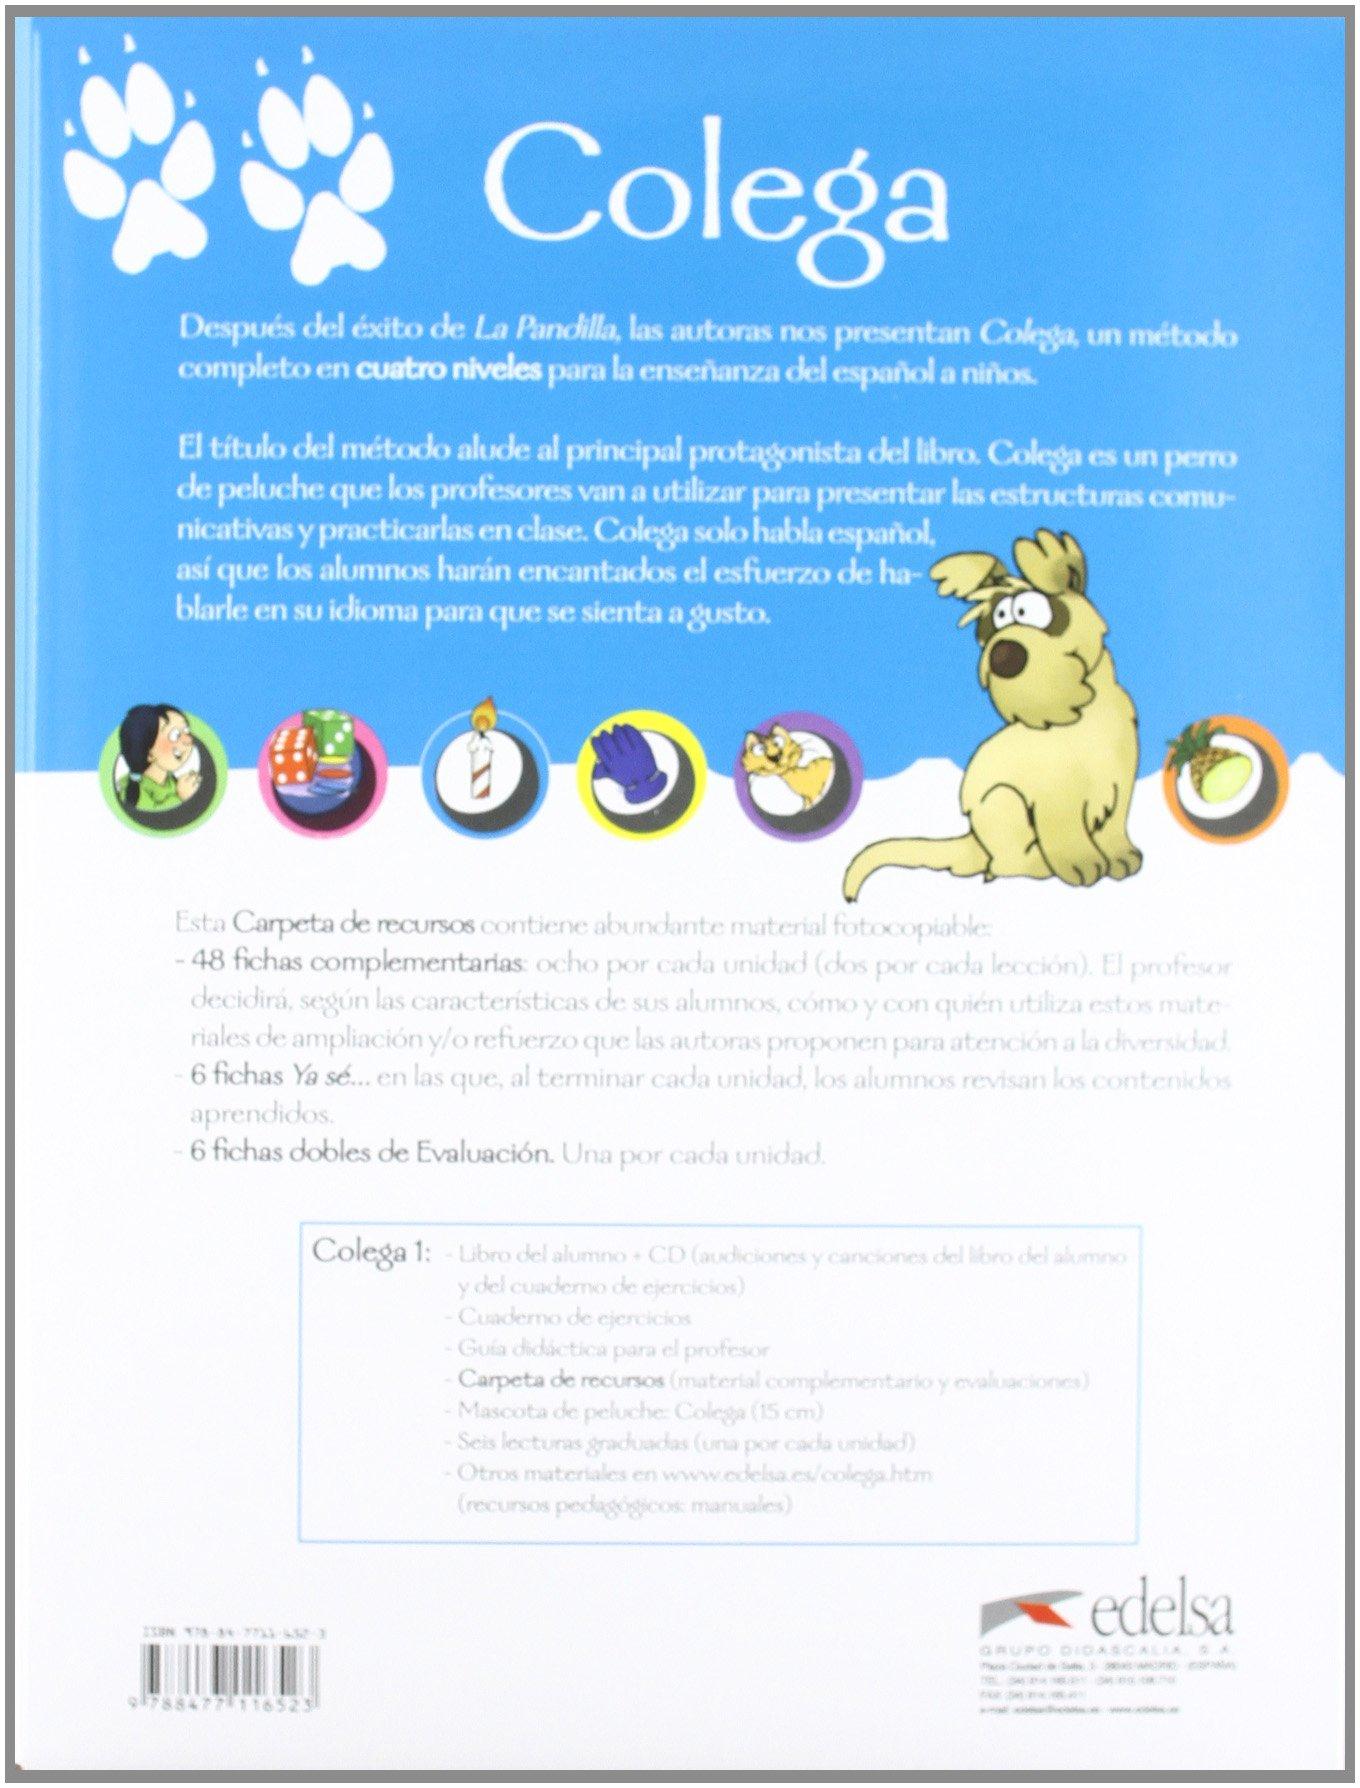 Colega - PACK PROF (includes: Teacher Book, Carpeta, recursos, pet, 1 reader) (Spanish Edition): Maria L. Hortelano, Maria J. Lorente, E. Gonzalez: ...